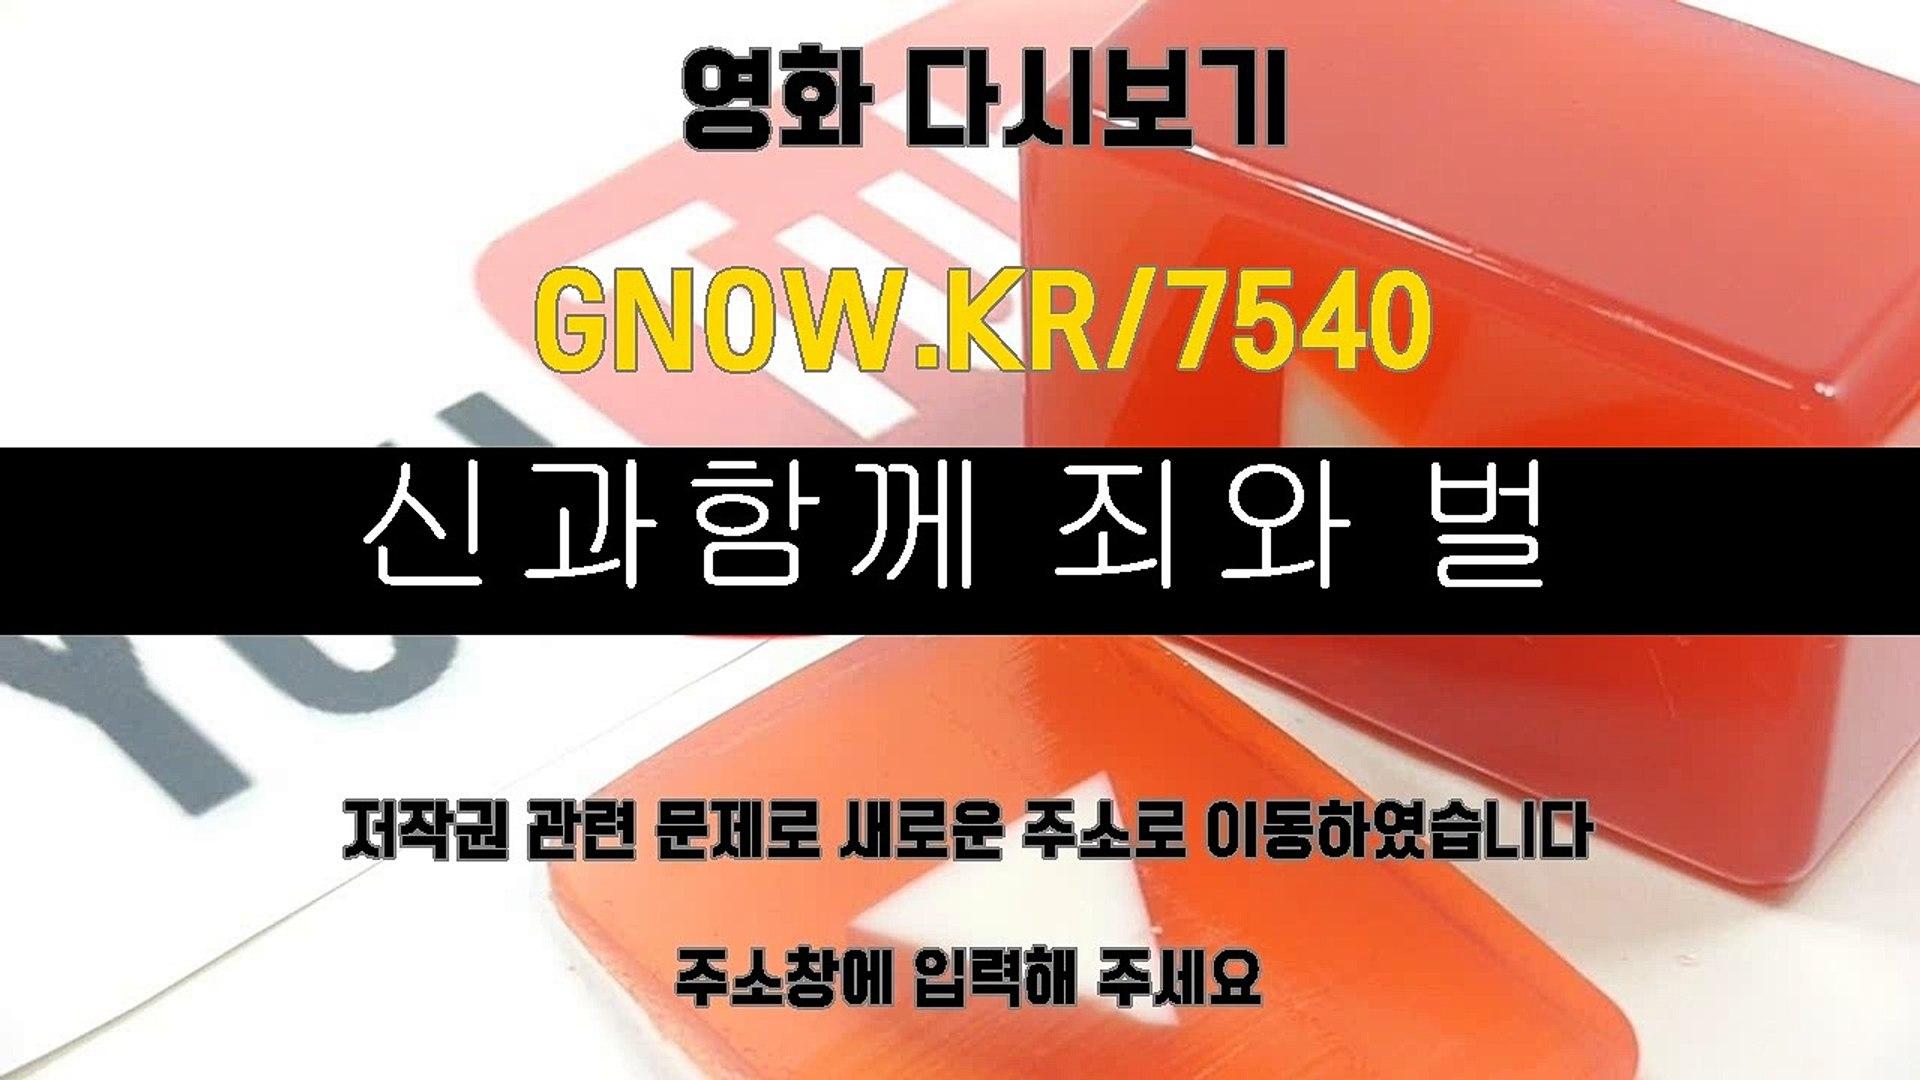 영화 신과함께죄와벌 다시보기 2017 영화 토렌트 한글자막 Movie 다운받기